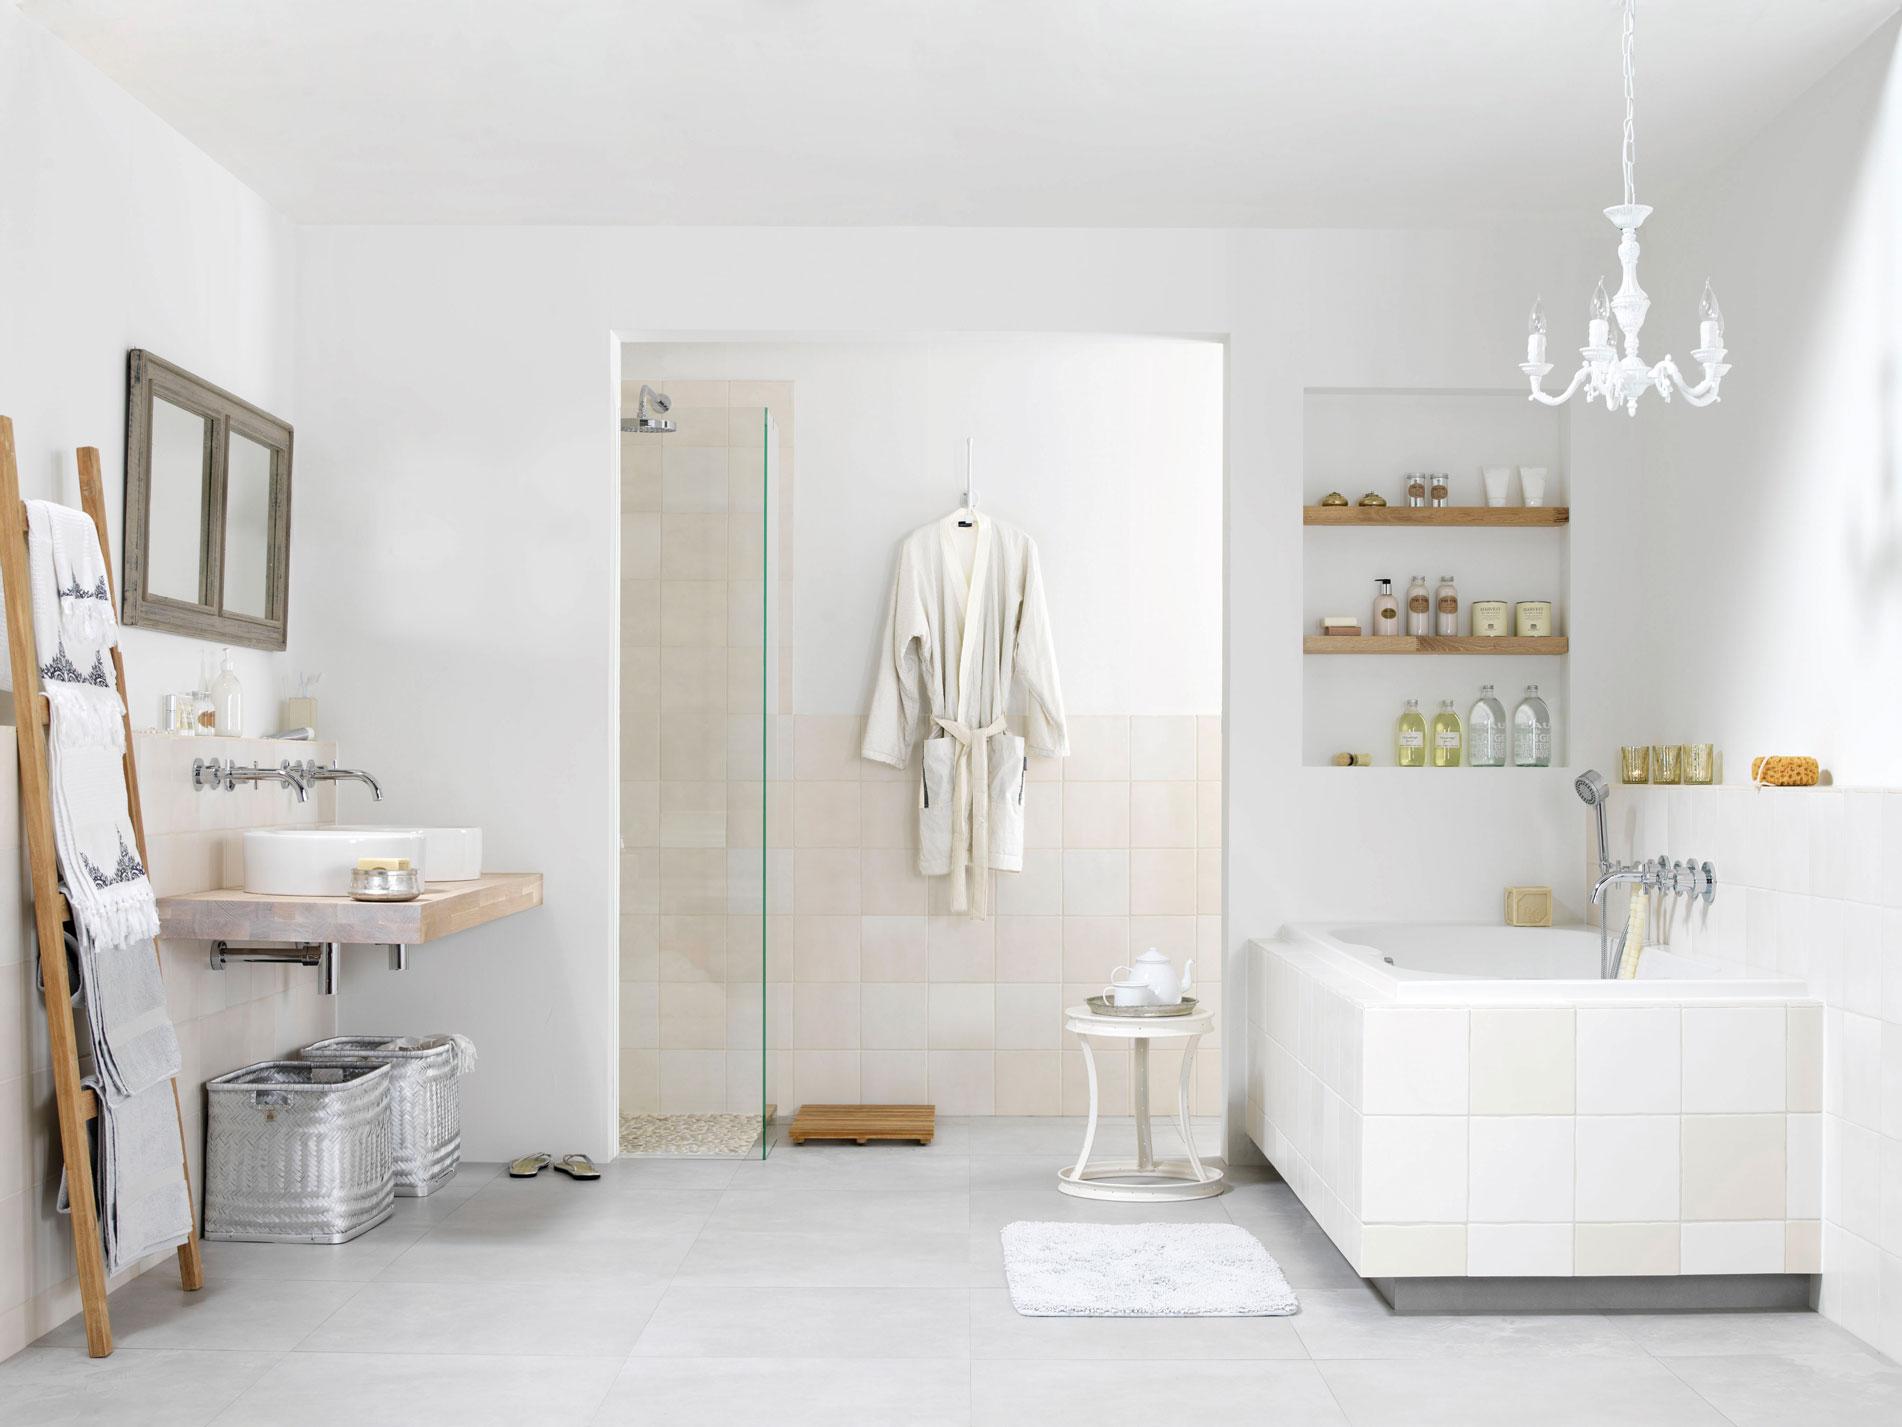 Inspiratie badkamer in romantische stijl nieuws - Romantisch idee ...